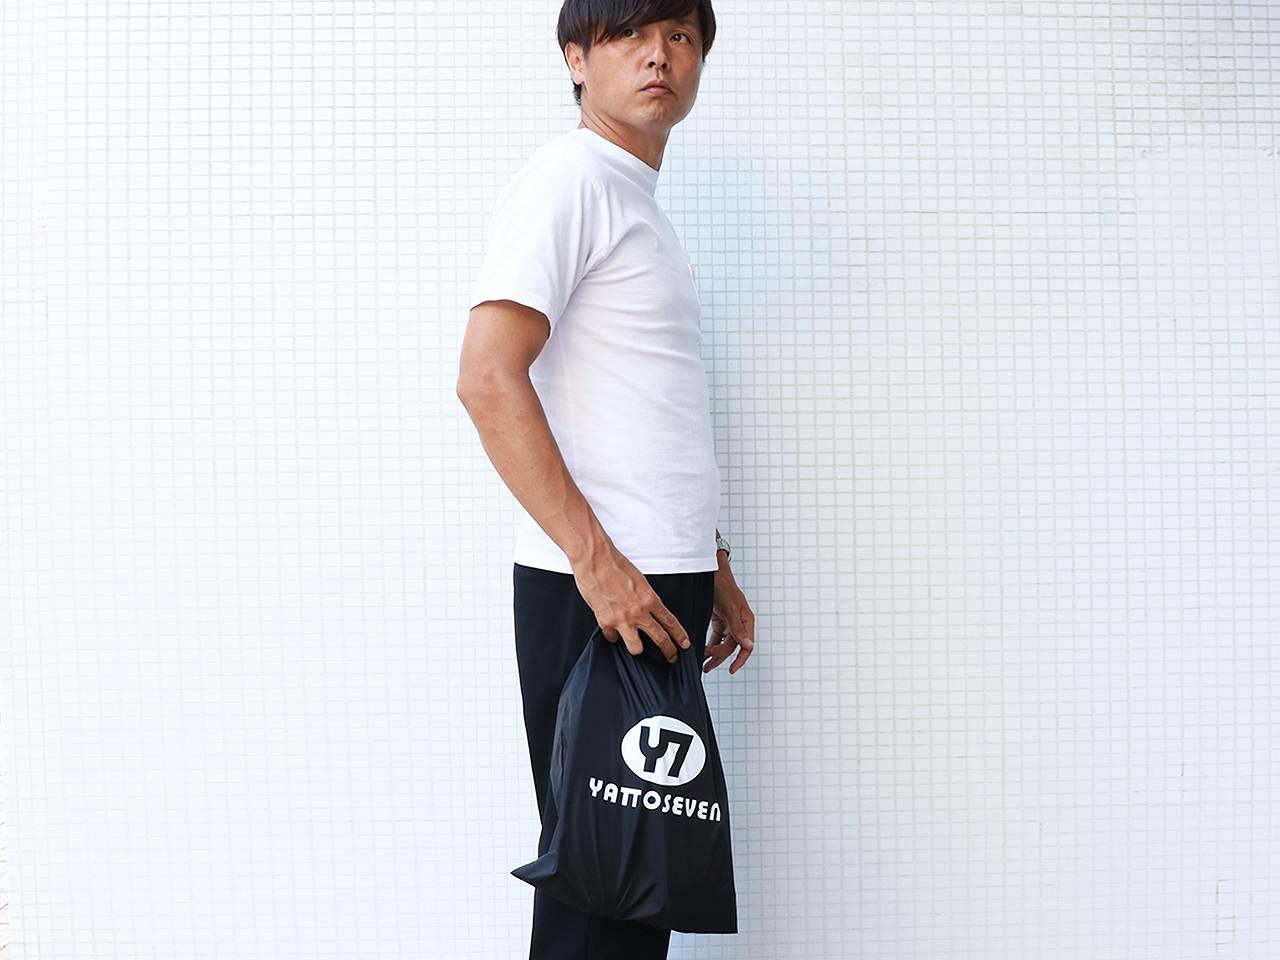 YATTO SEVEN ナイロンバッグ(巾着タイプ)